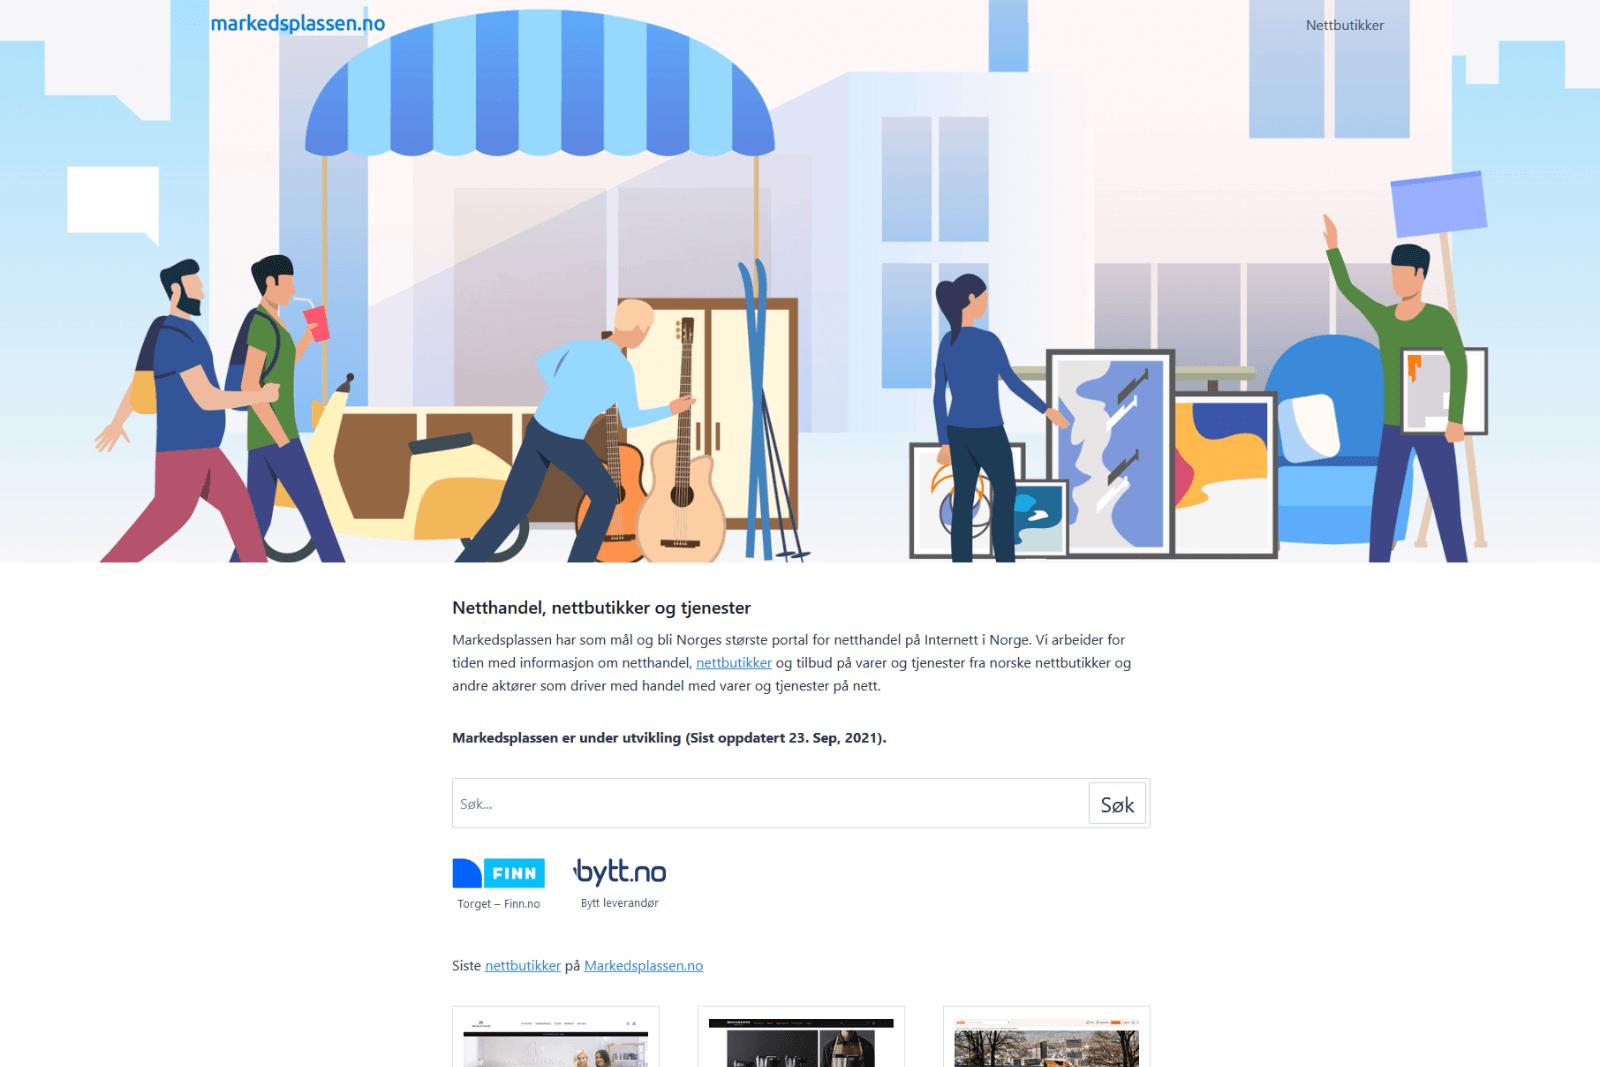 Markedsplassen nettbutikker og tjenester webside